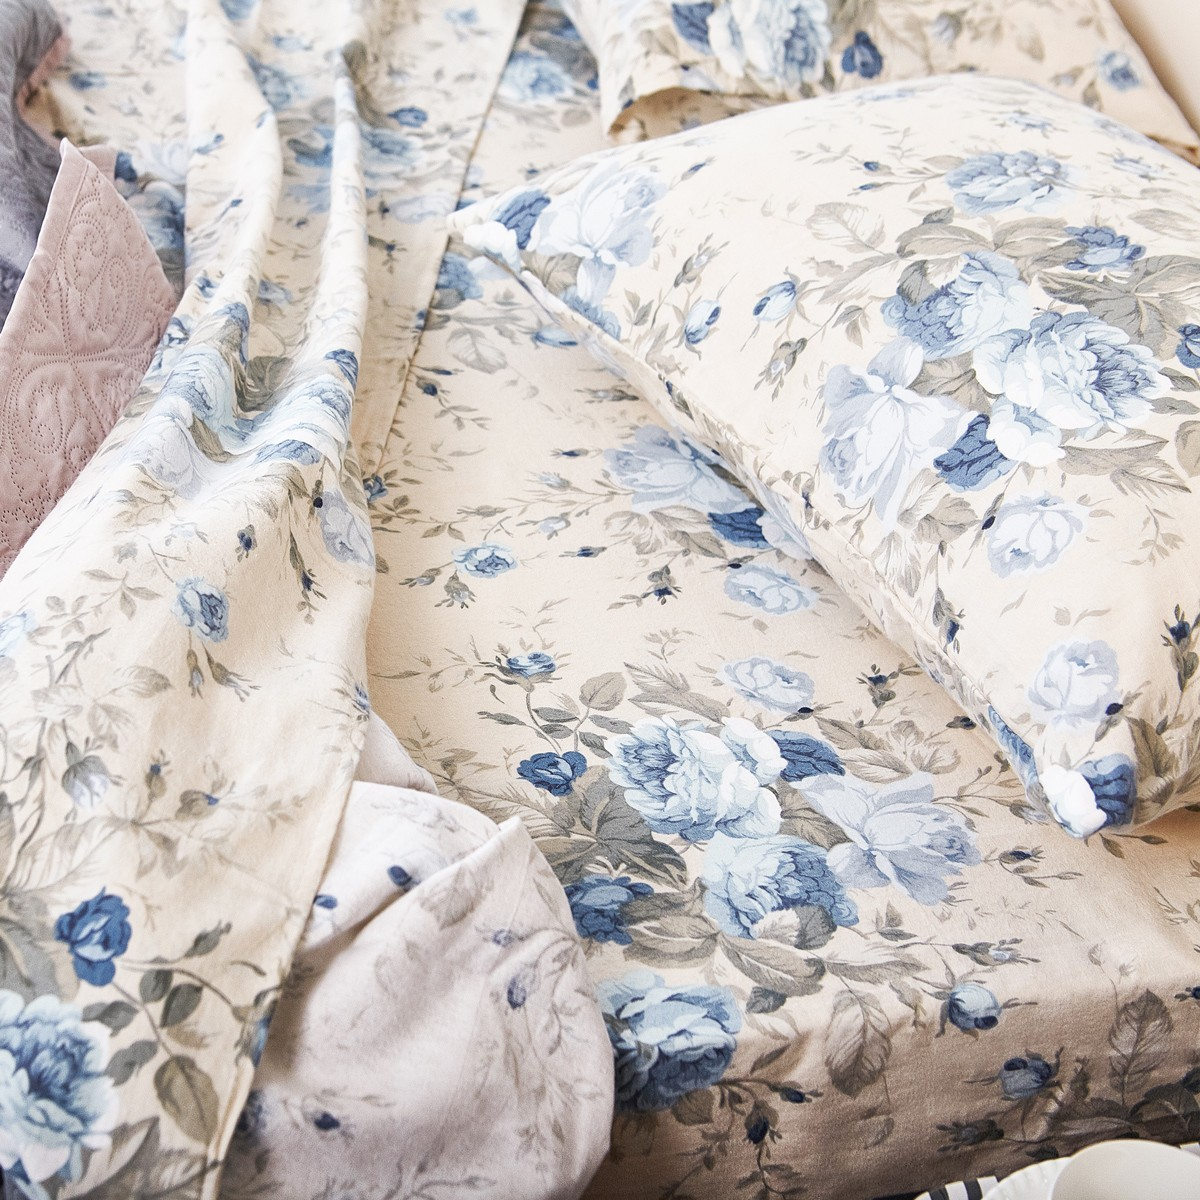 Φανελένια Σεντόνια Διπλά (Σετ) Melinen Peony Blue home   κρεβατοκάμαρα   σεντόνια   σεντόνια ημίδιπλα   διπλά